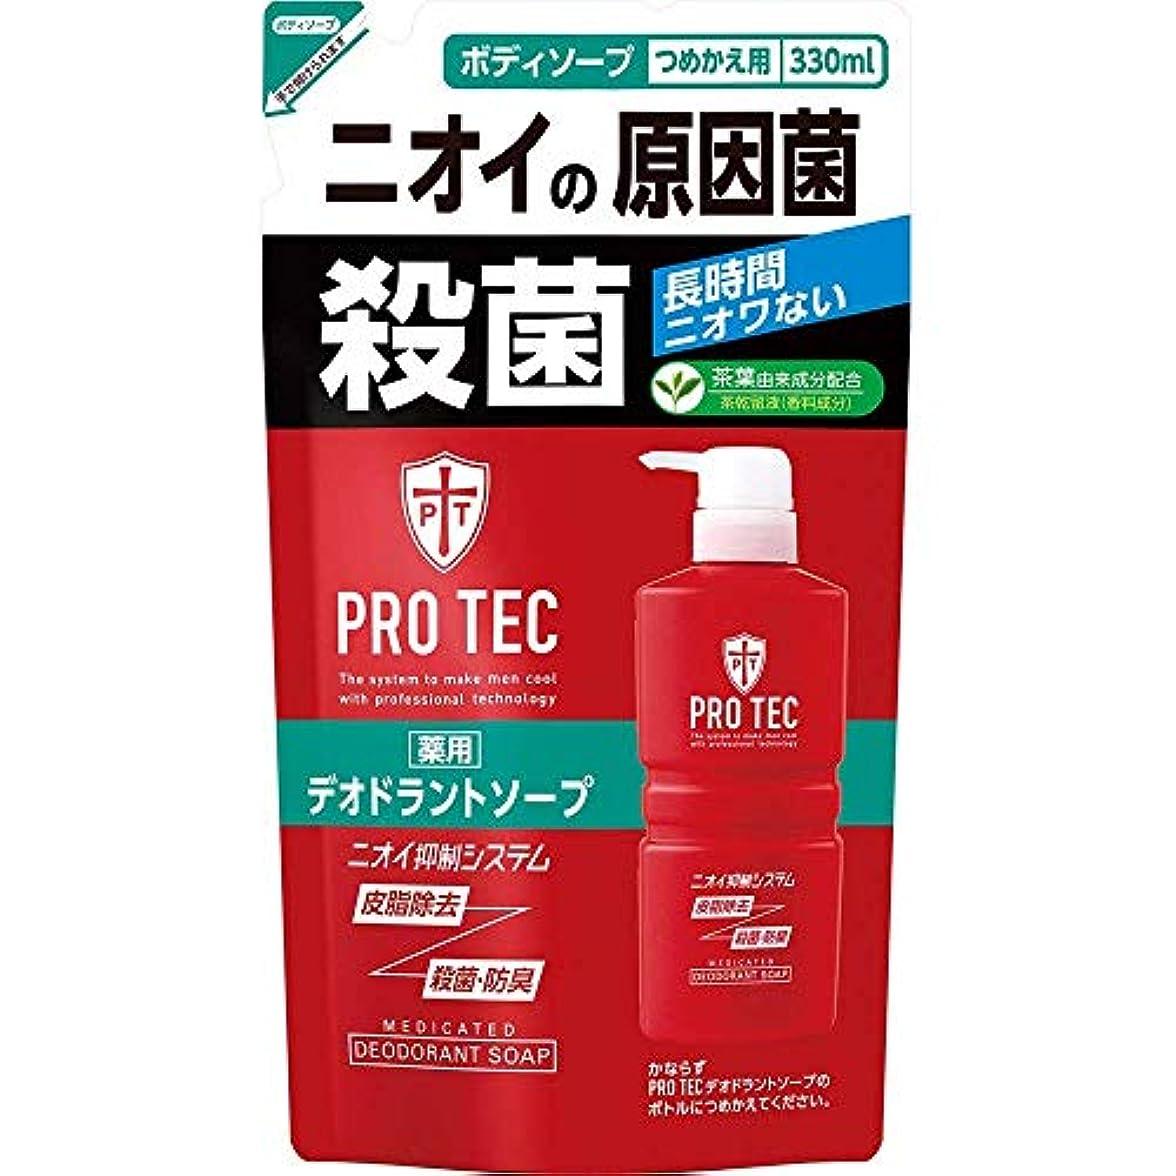 心臓スリンク便利さPRO TEC デオドラントソープ つめかえ用 330ml ×2セット